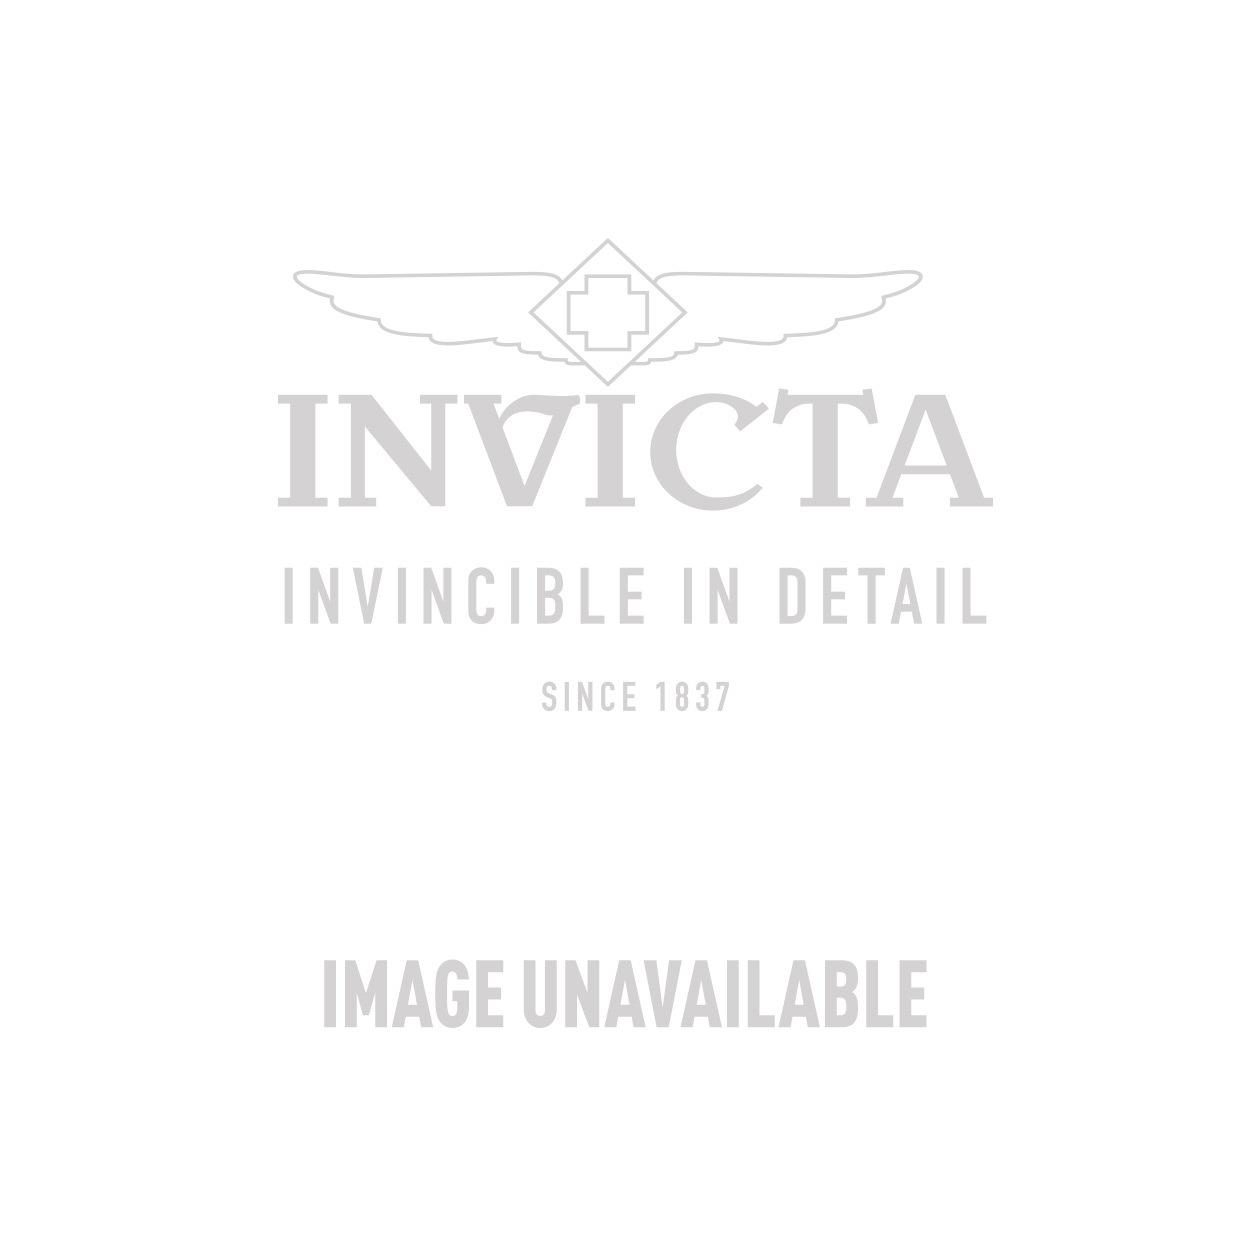 Invicta Model  25032